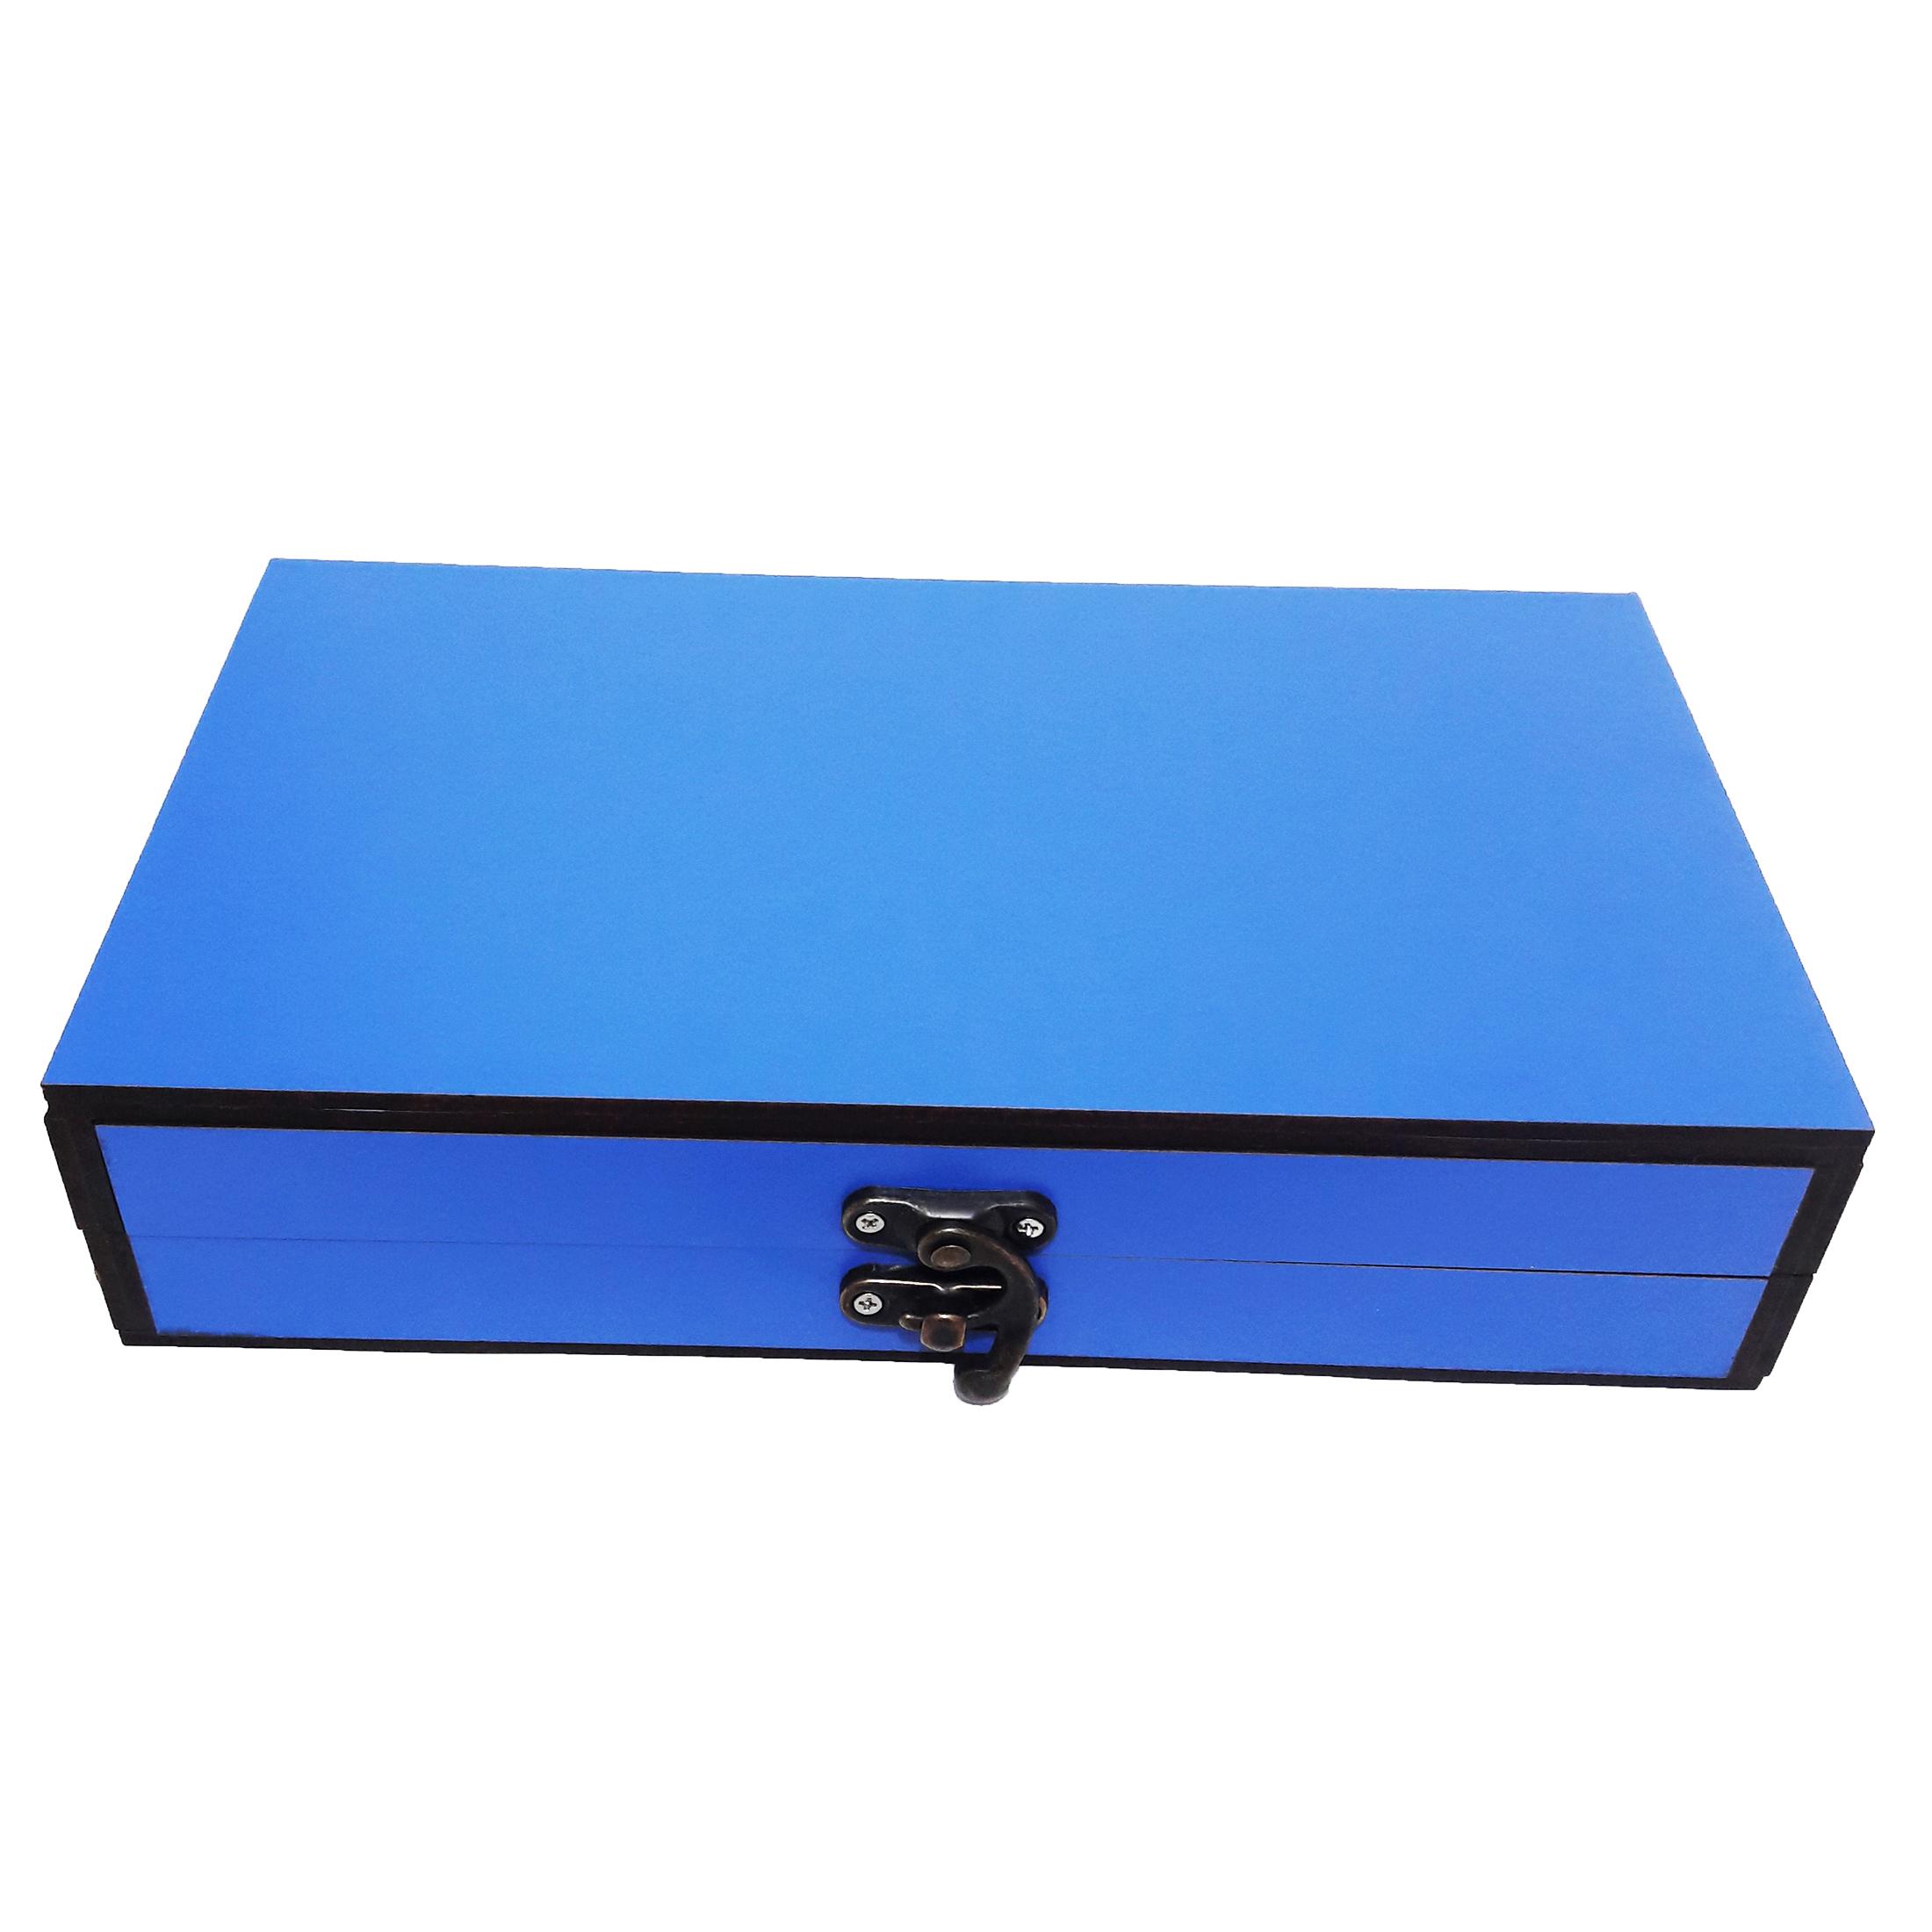 جعبه هدیه چوبی کادو آیهان باکس مدل 34